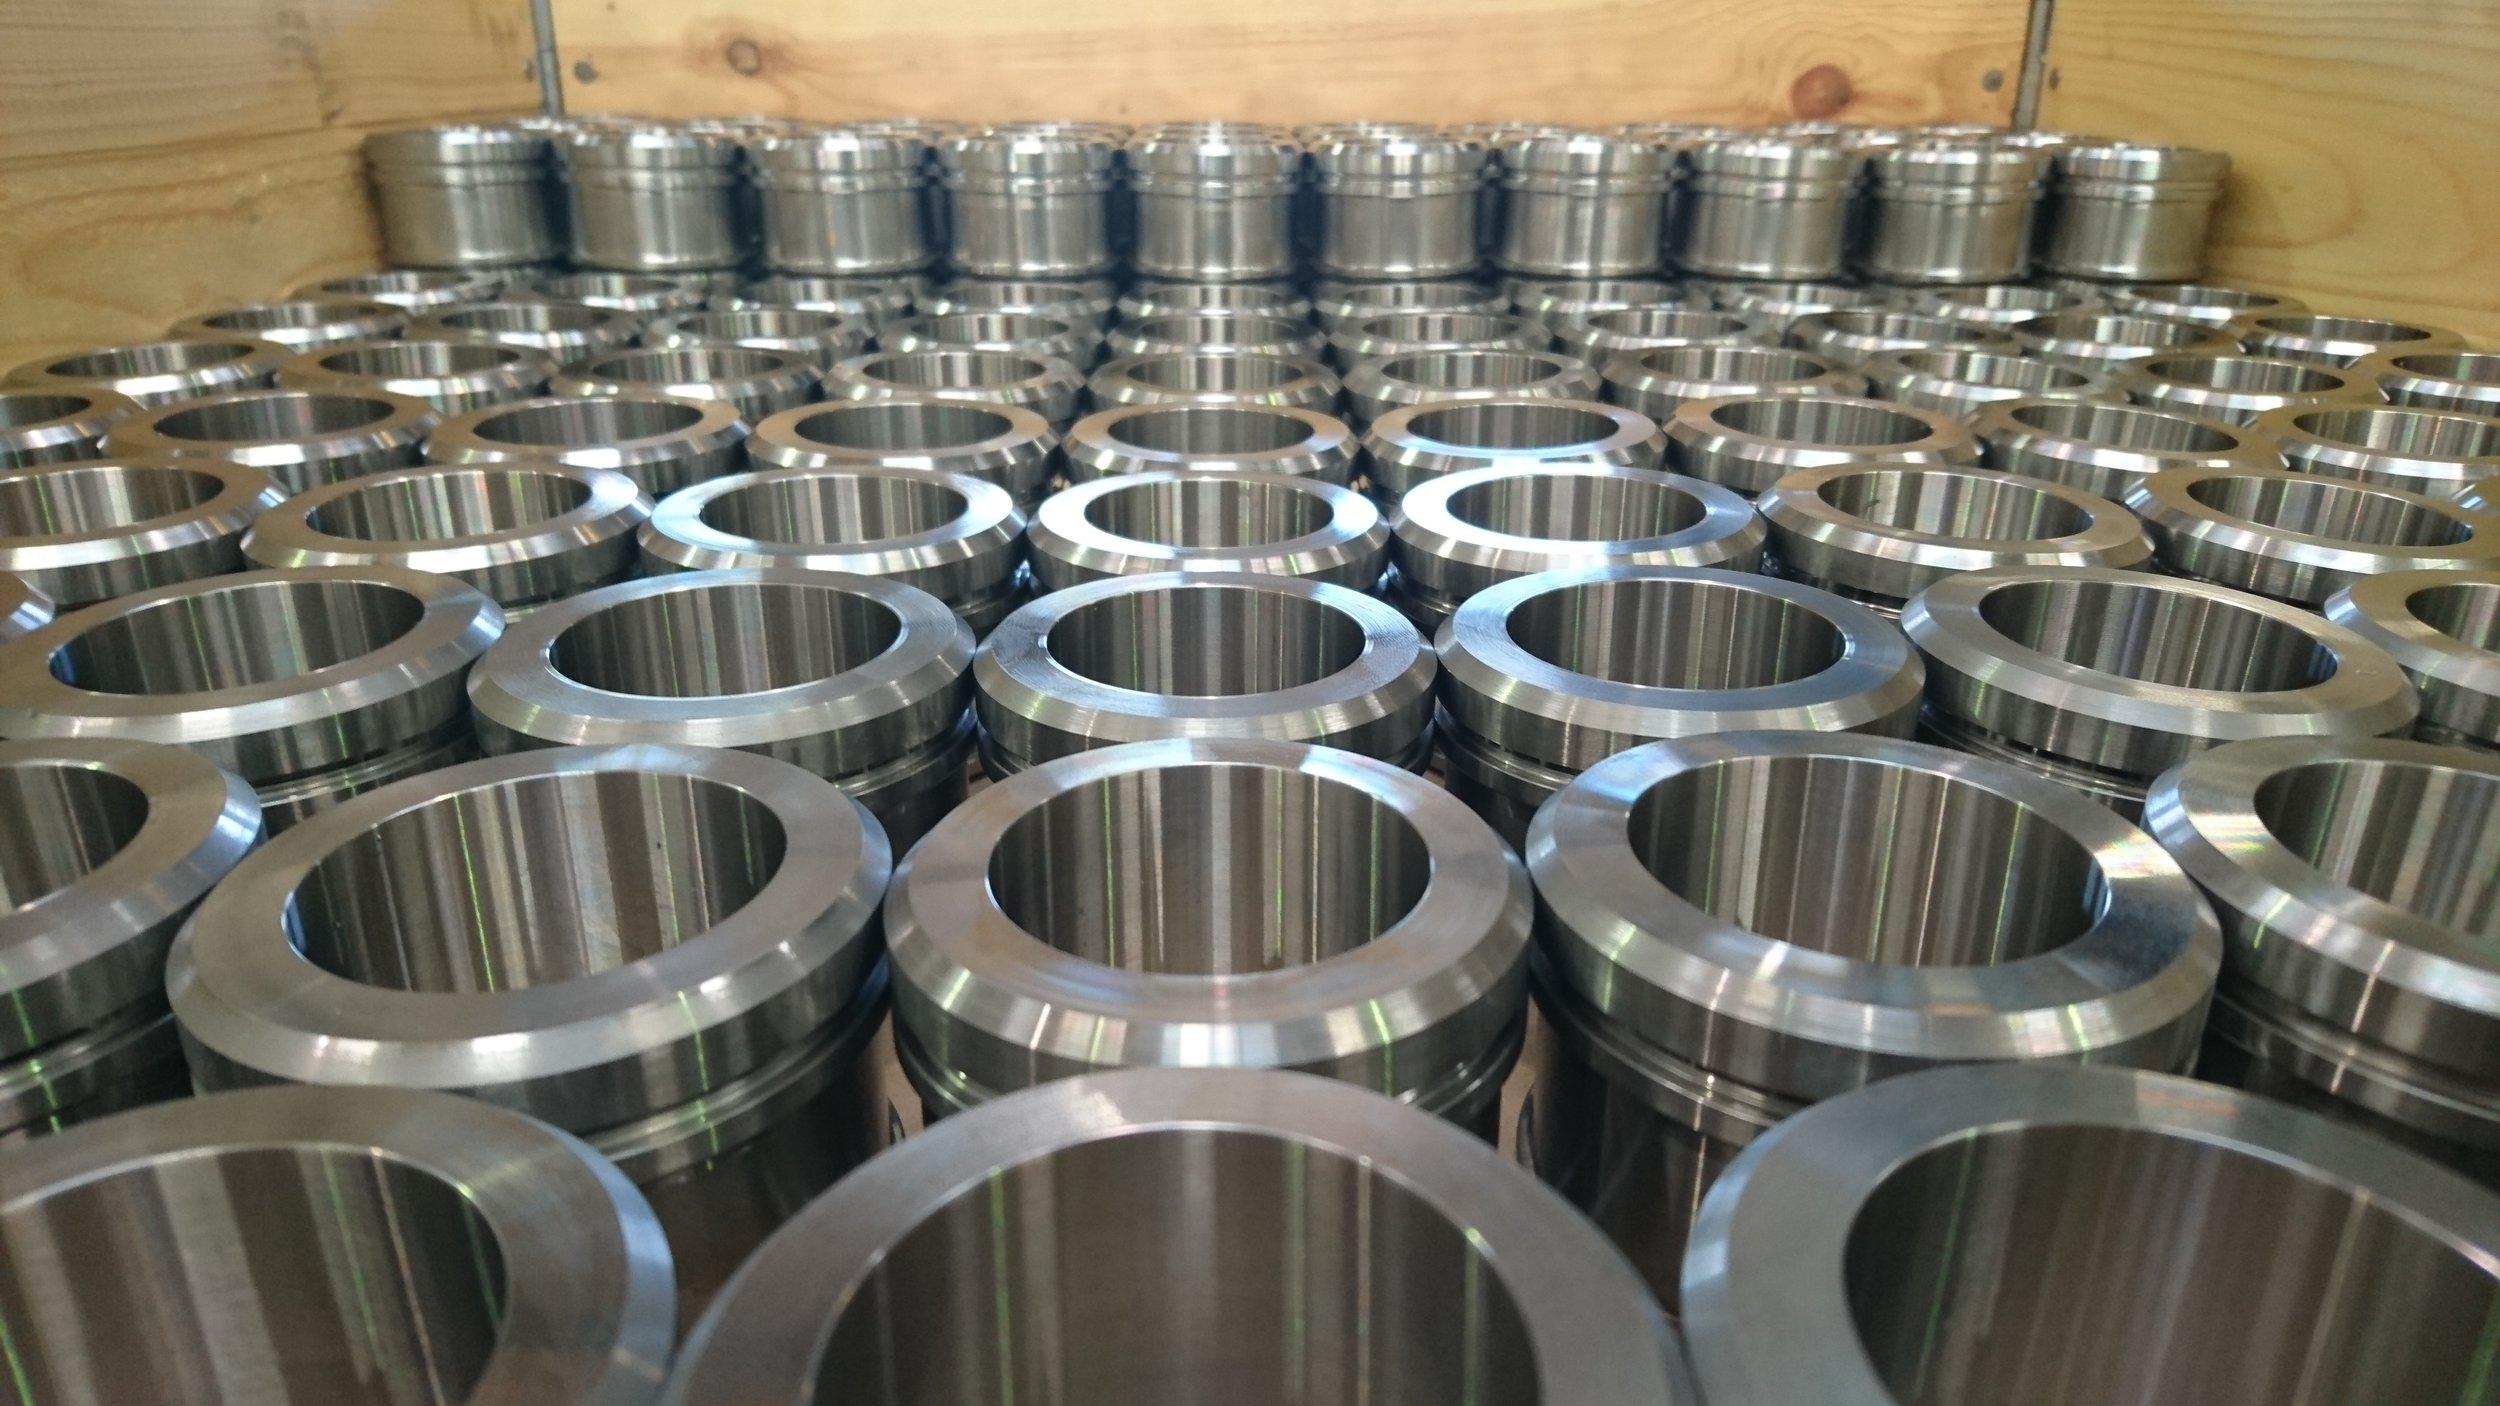 Serieproduktion af drejede emner i stål